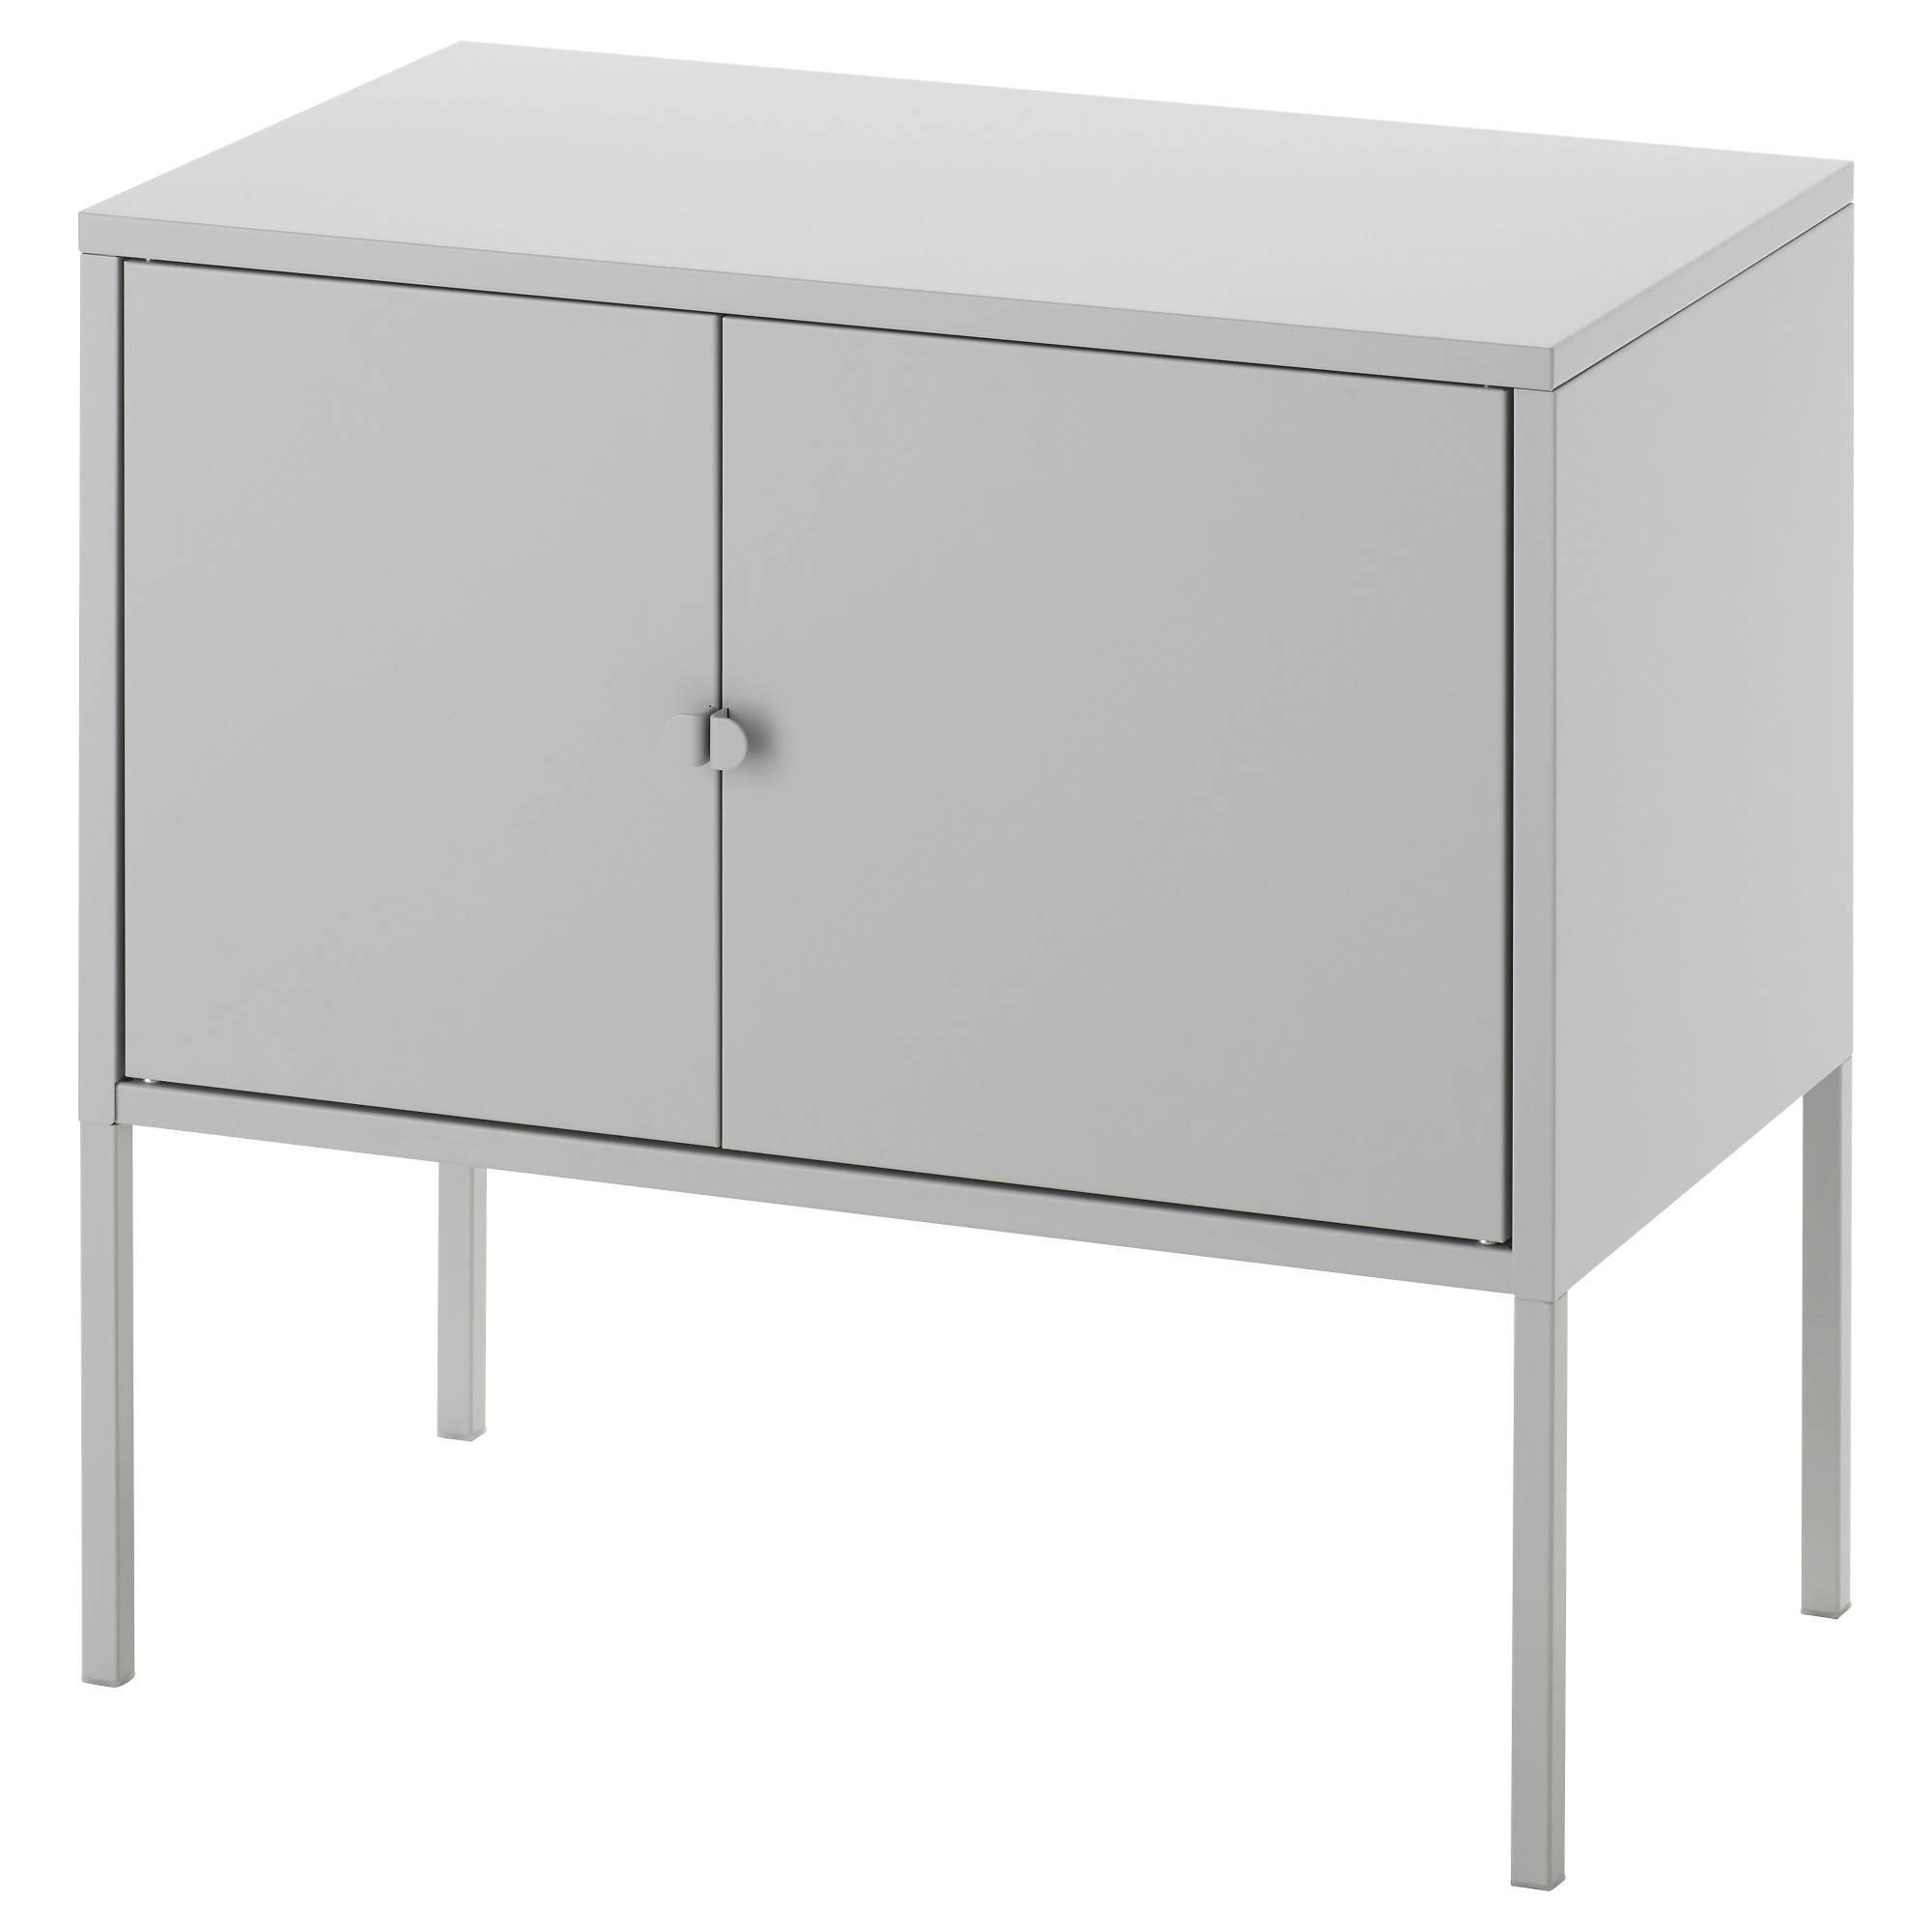 Cabinets & Sideboards – Ikea Regarding 12 Inch Deep Sideboard (#5 of 20)